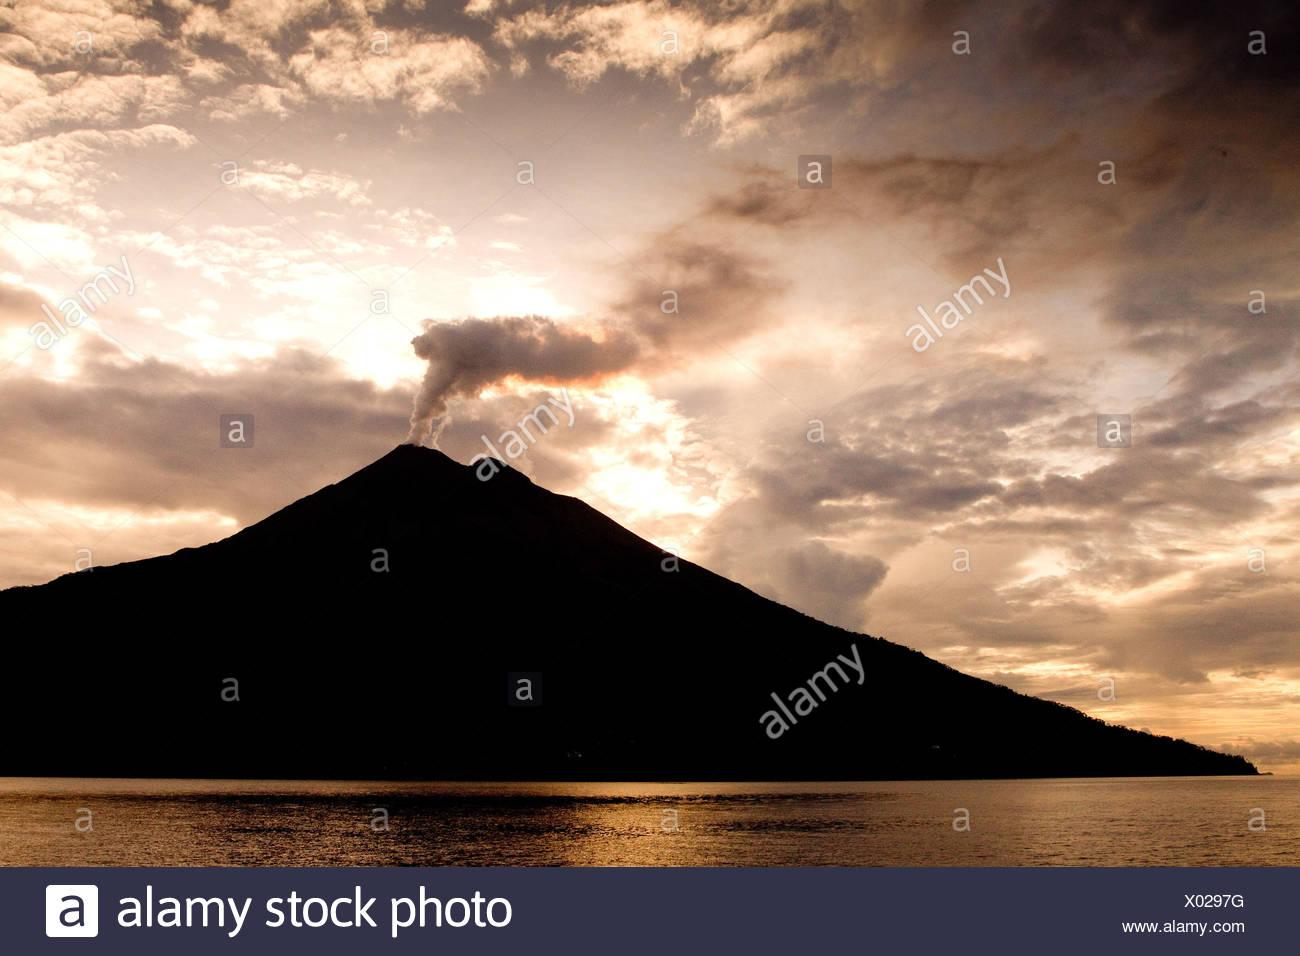 Volcano in morning sun - Stock Image